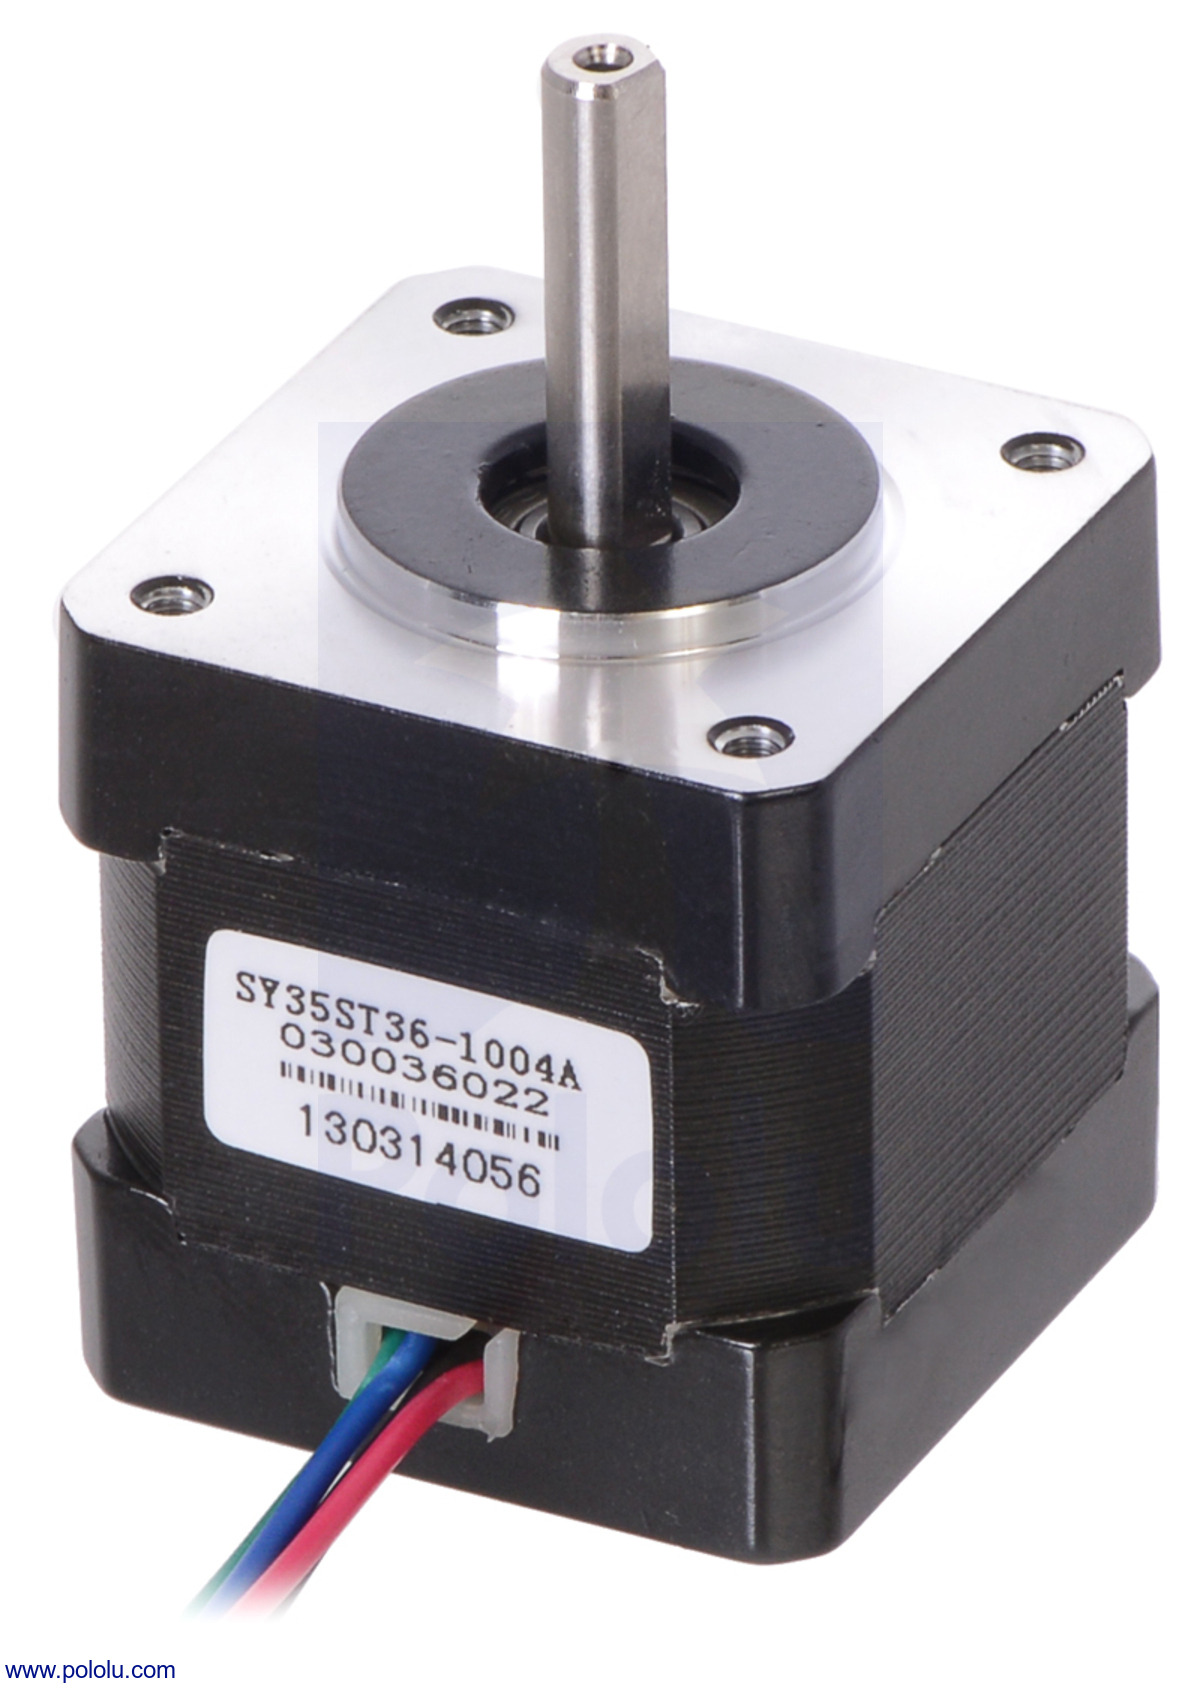 Pololu stepper motor bipolar 200 steps rev 35 36mm 2 for Servo motor and stepper motor